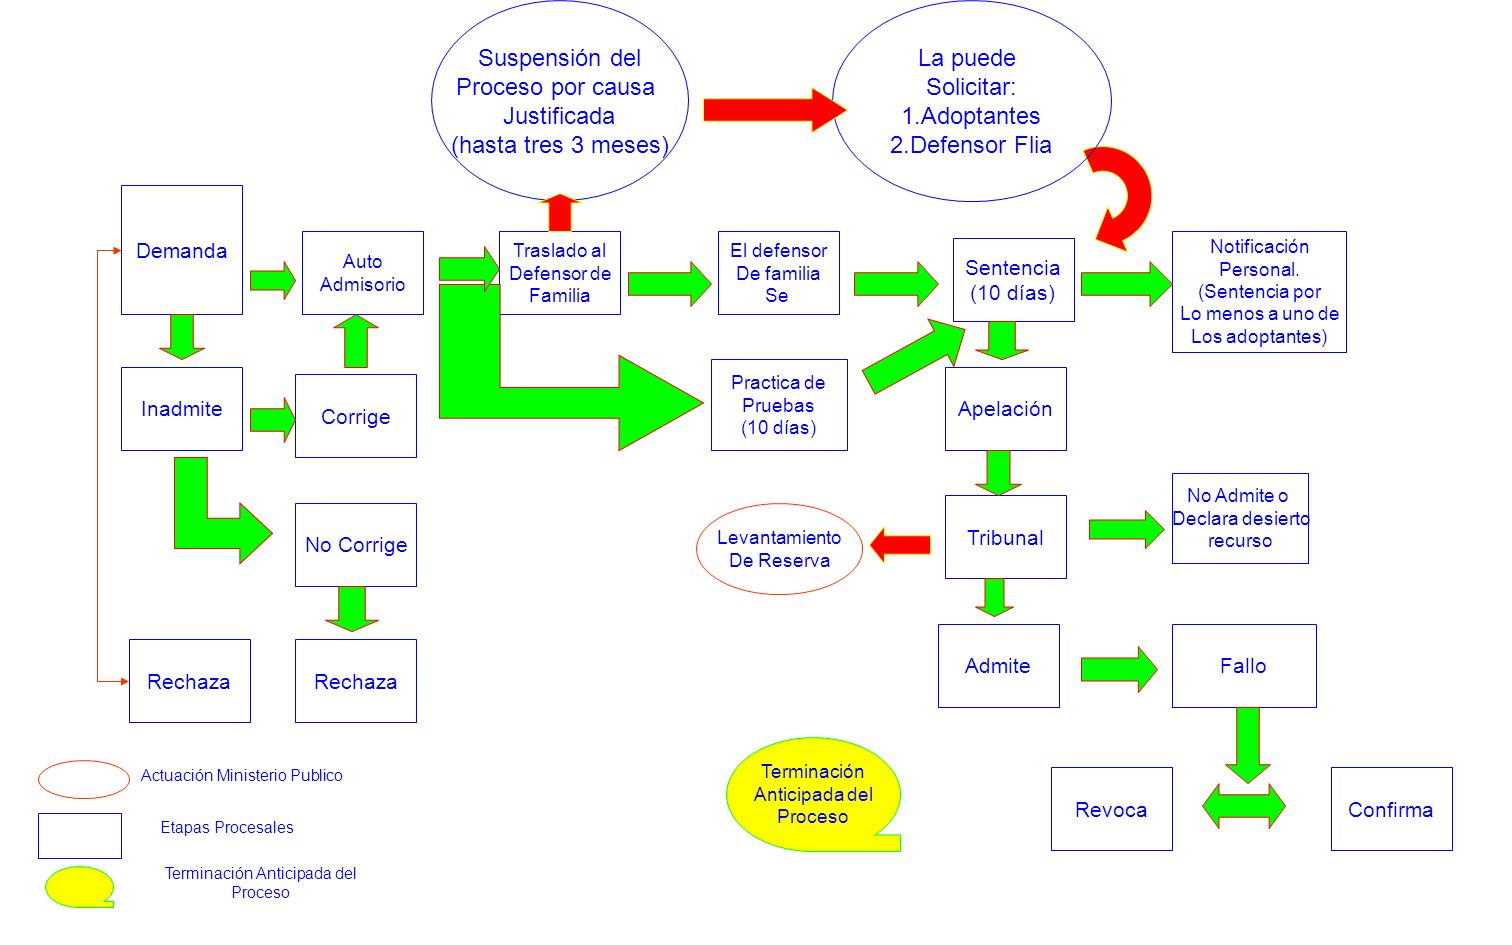 Suspensión del Proceso por causa Justificada (hasta tres 3 meses)